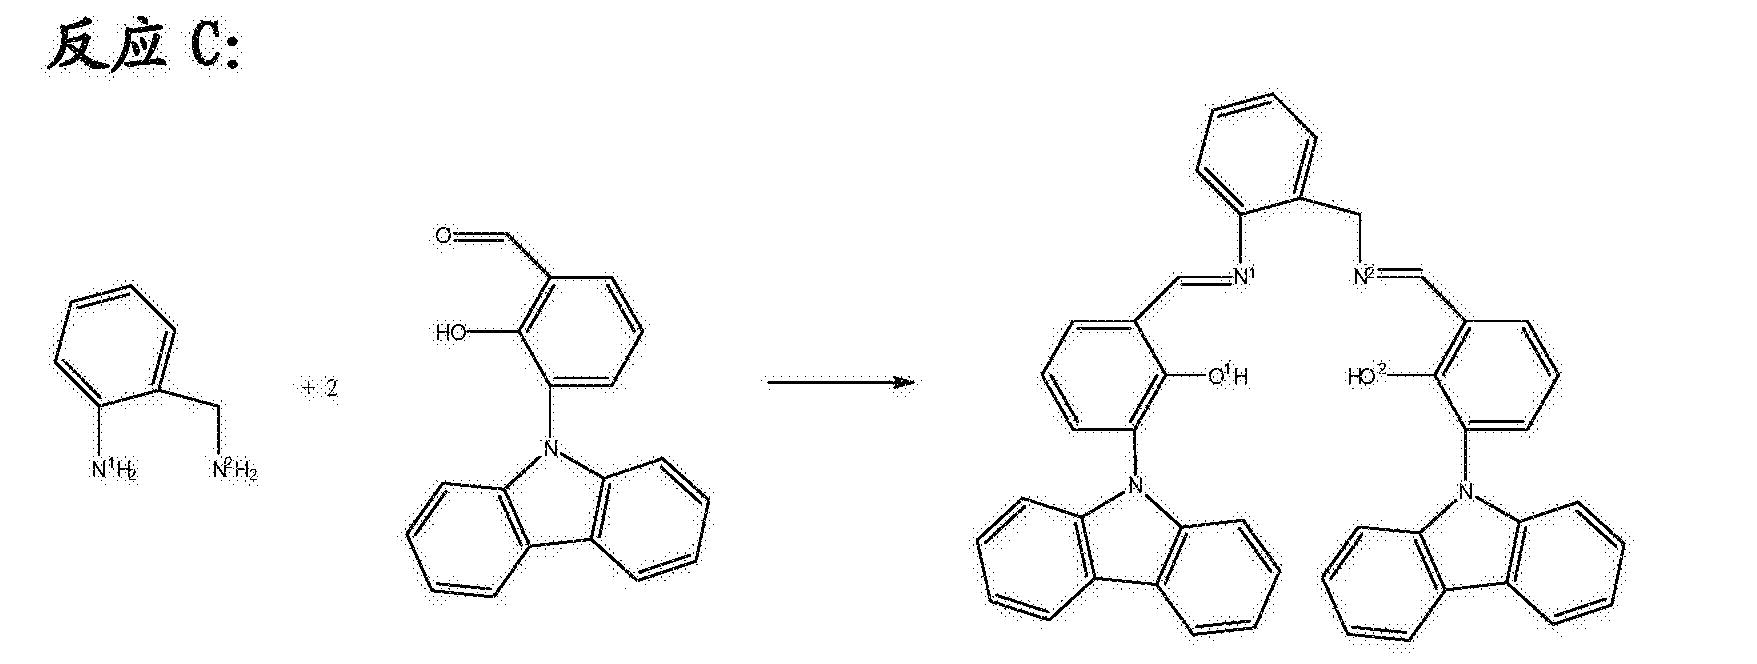 Figure CN105142777BD00262